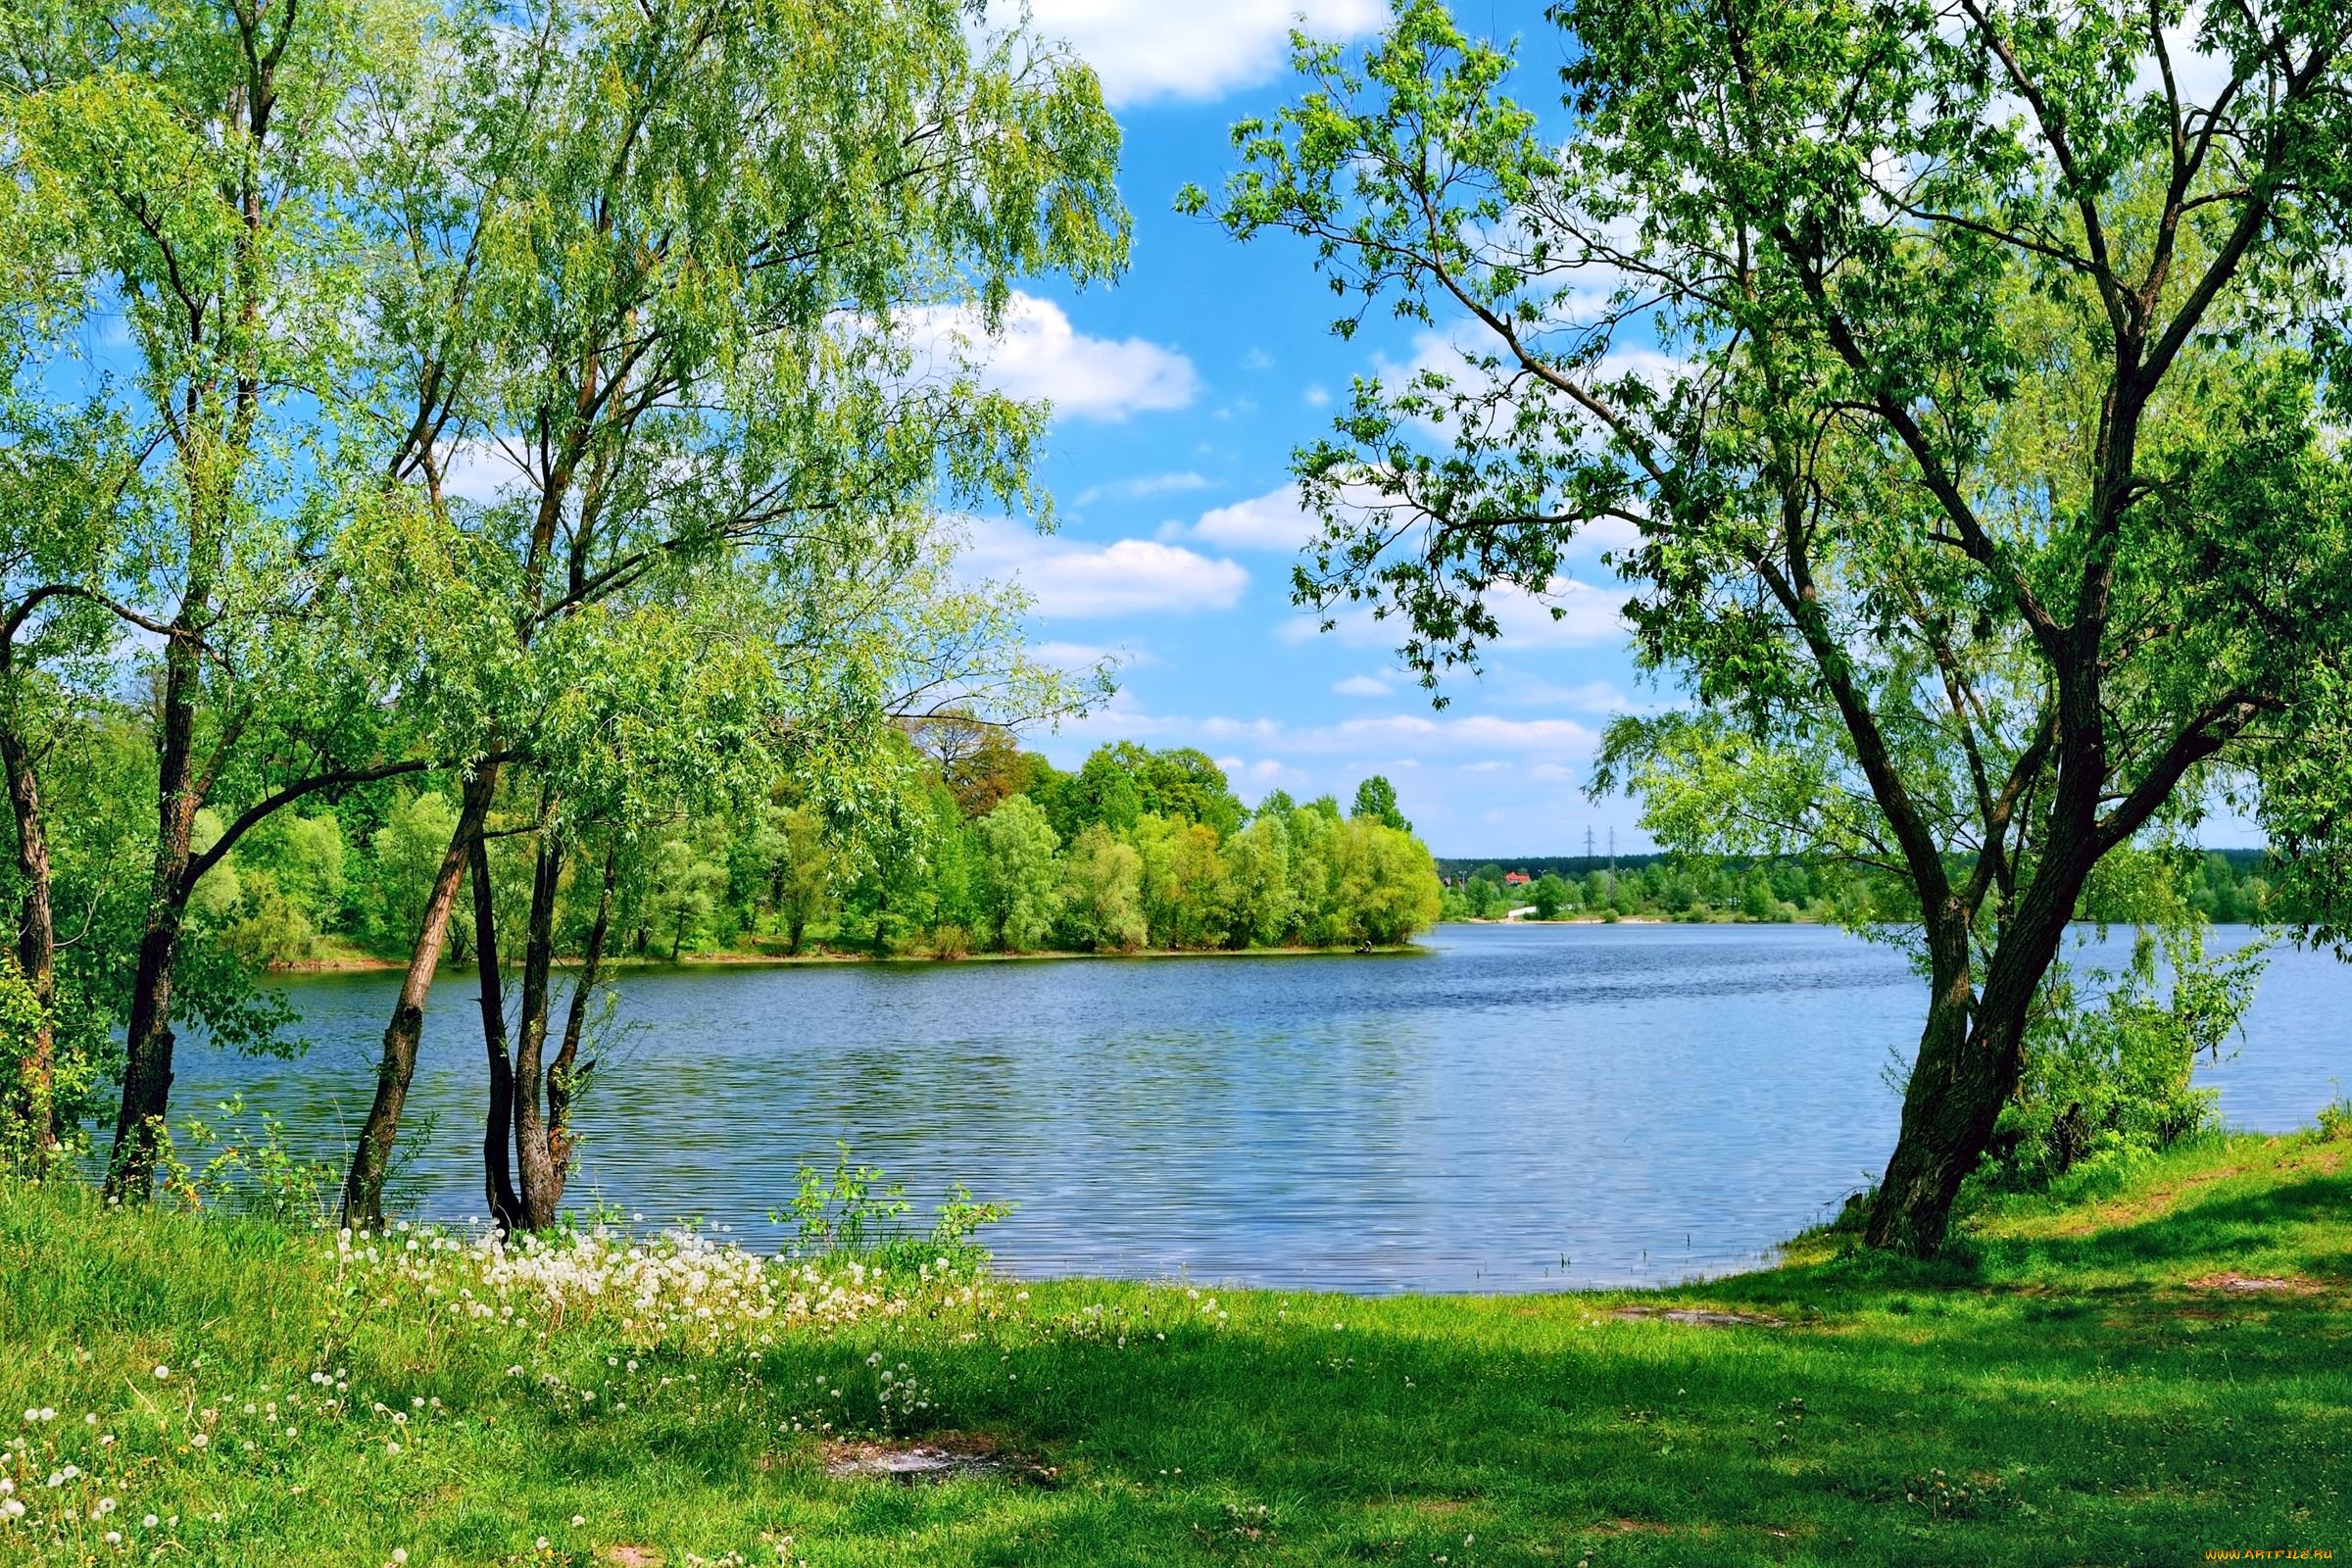 озеро зелень лето скачать